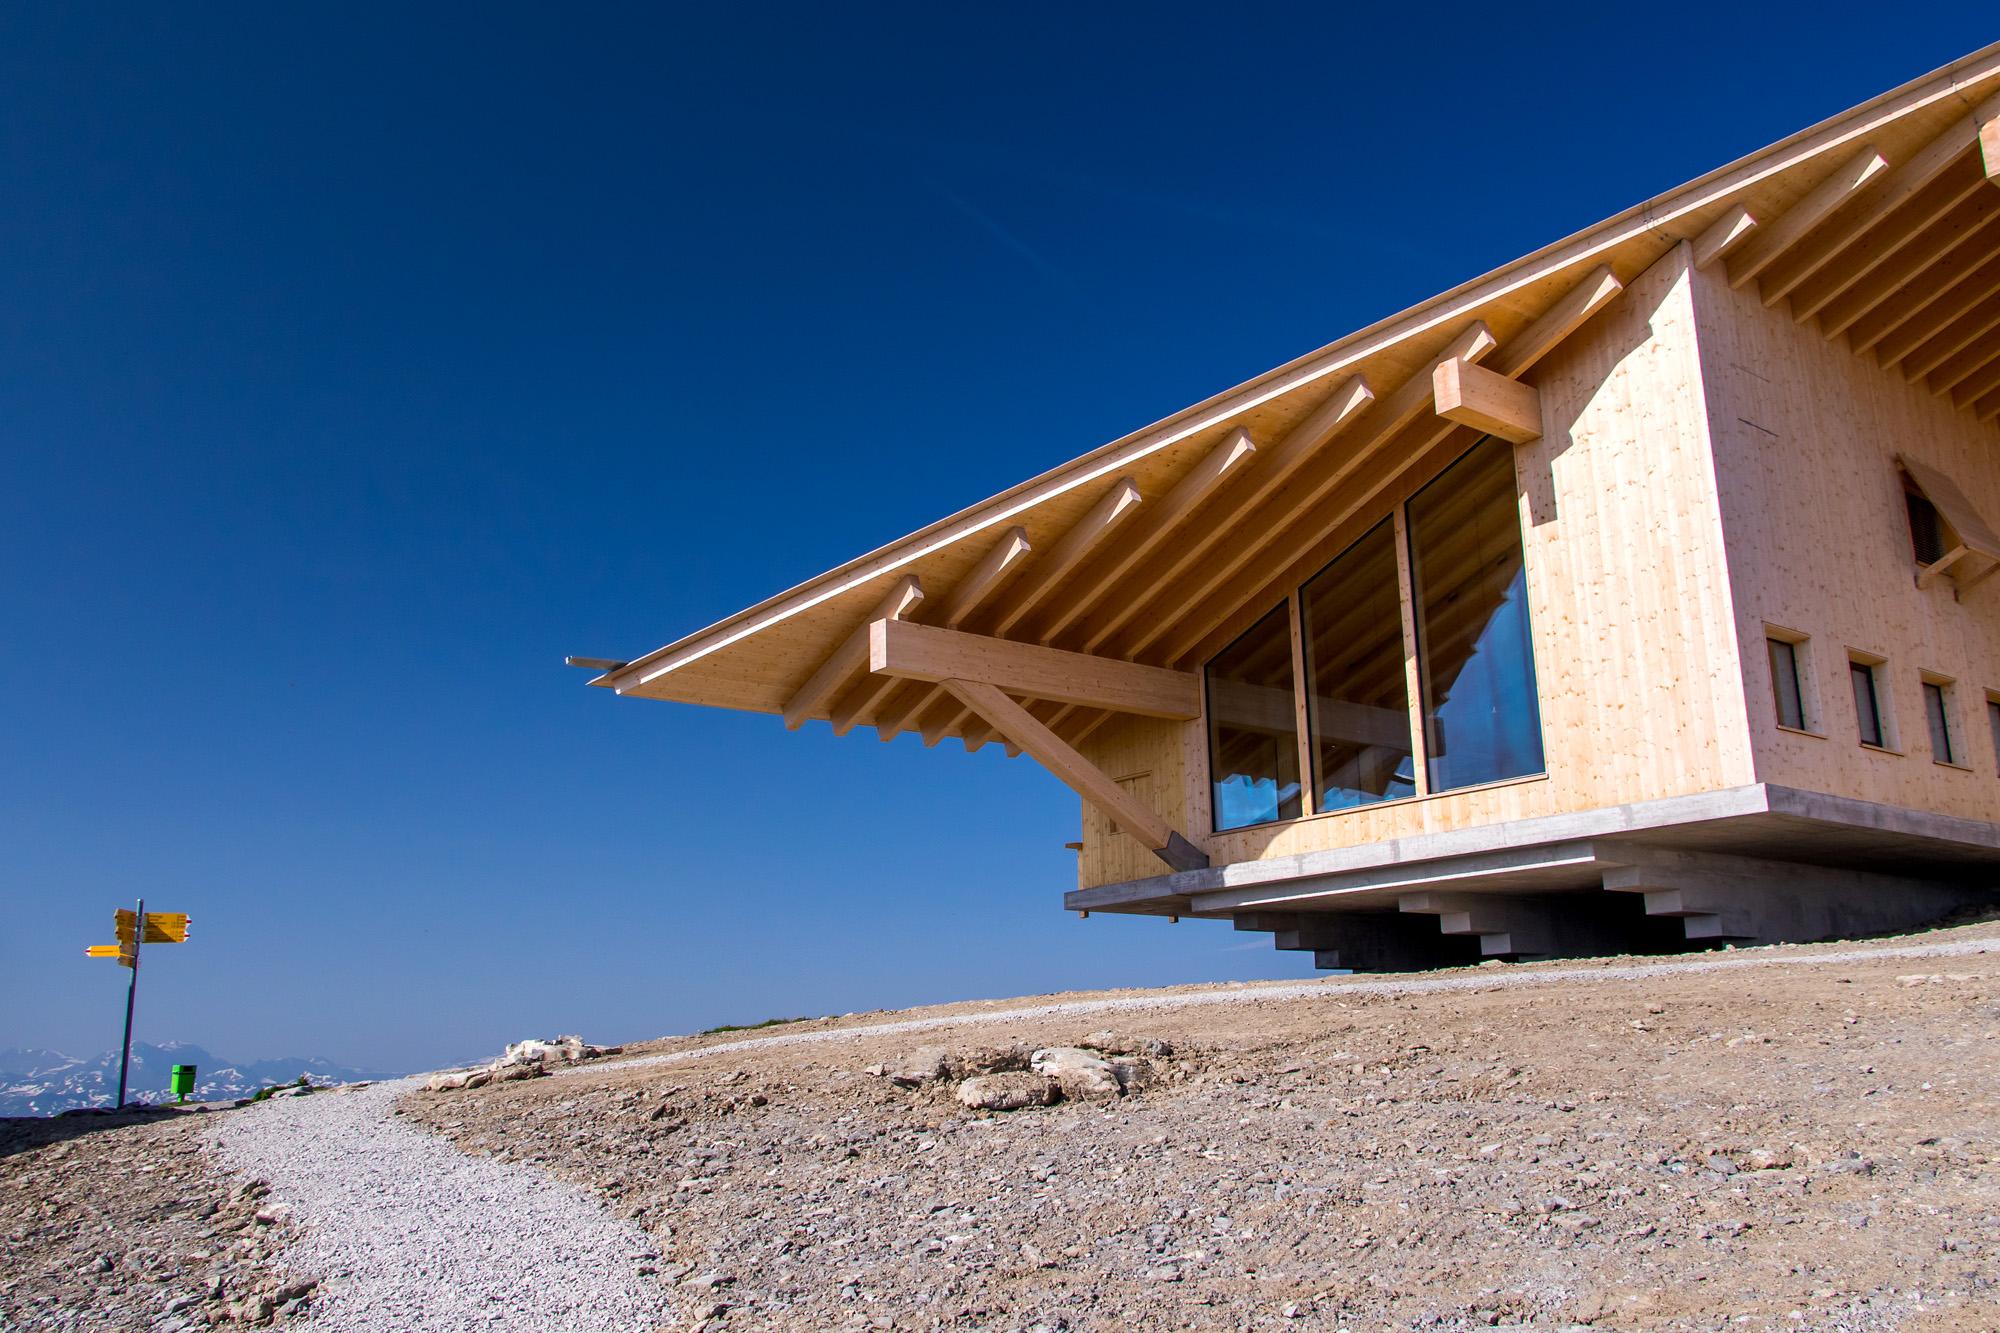 Interessante Architektur in luftiger Höhe: Passt!